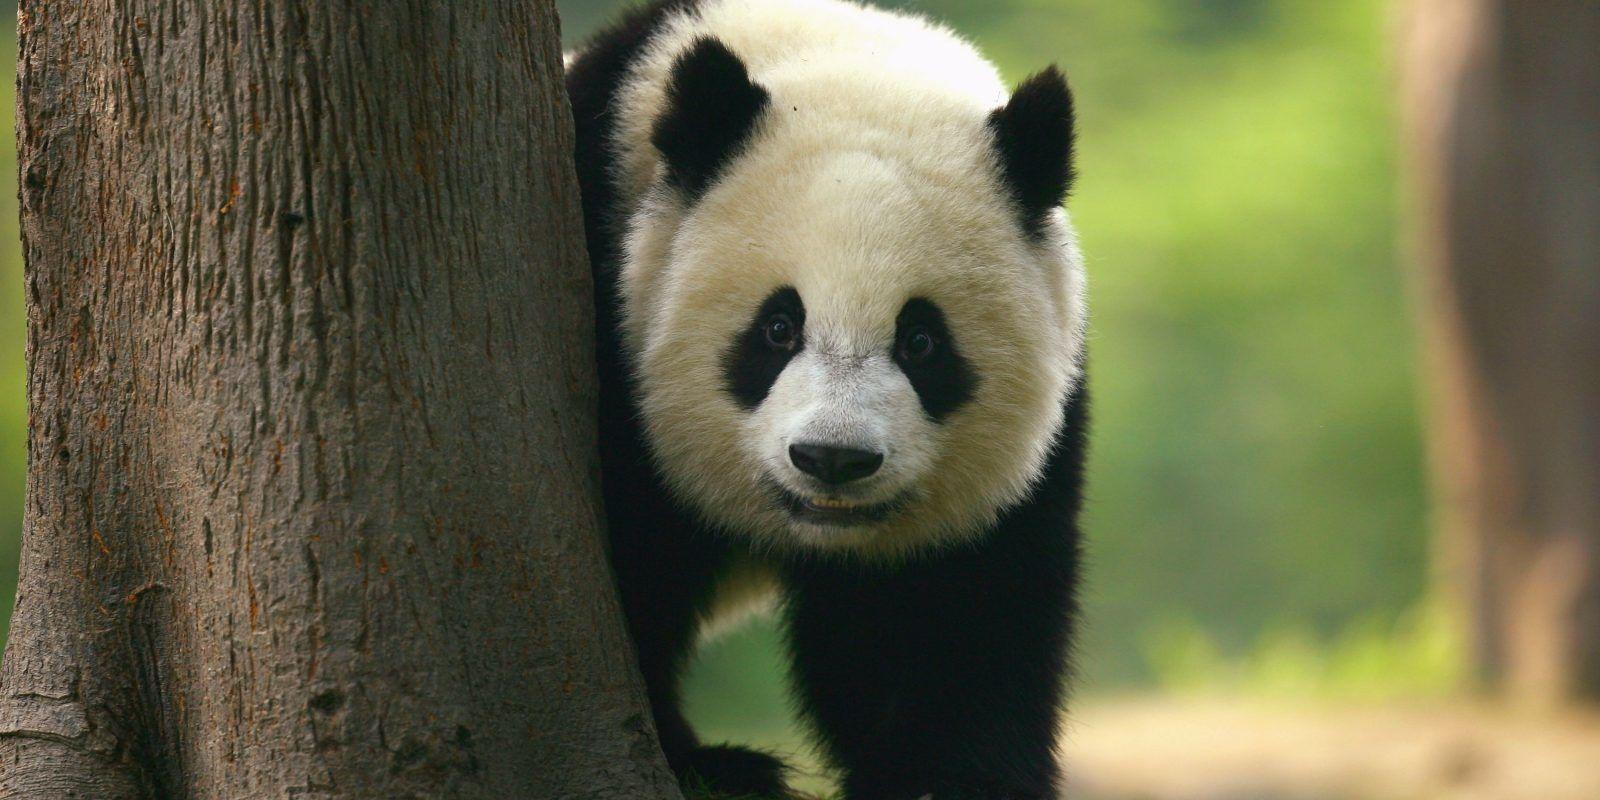 Qizai: El panda al que le hacen bullying por ser color marrón. Imagen Por: Getty Images